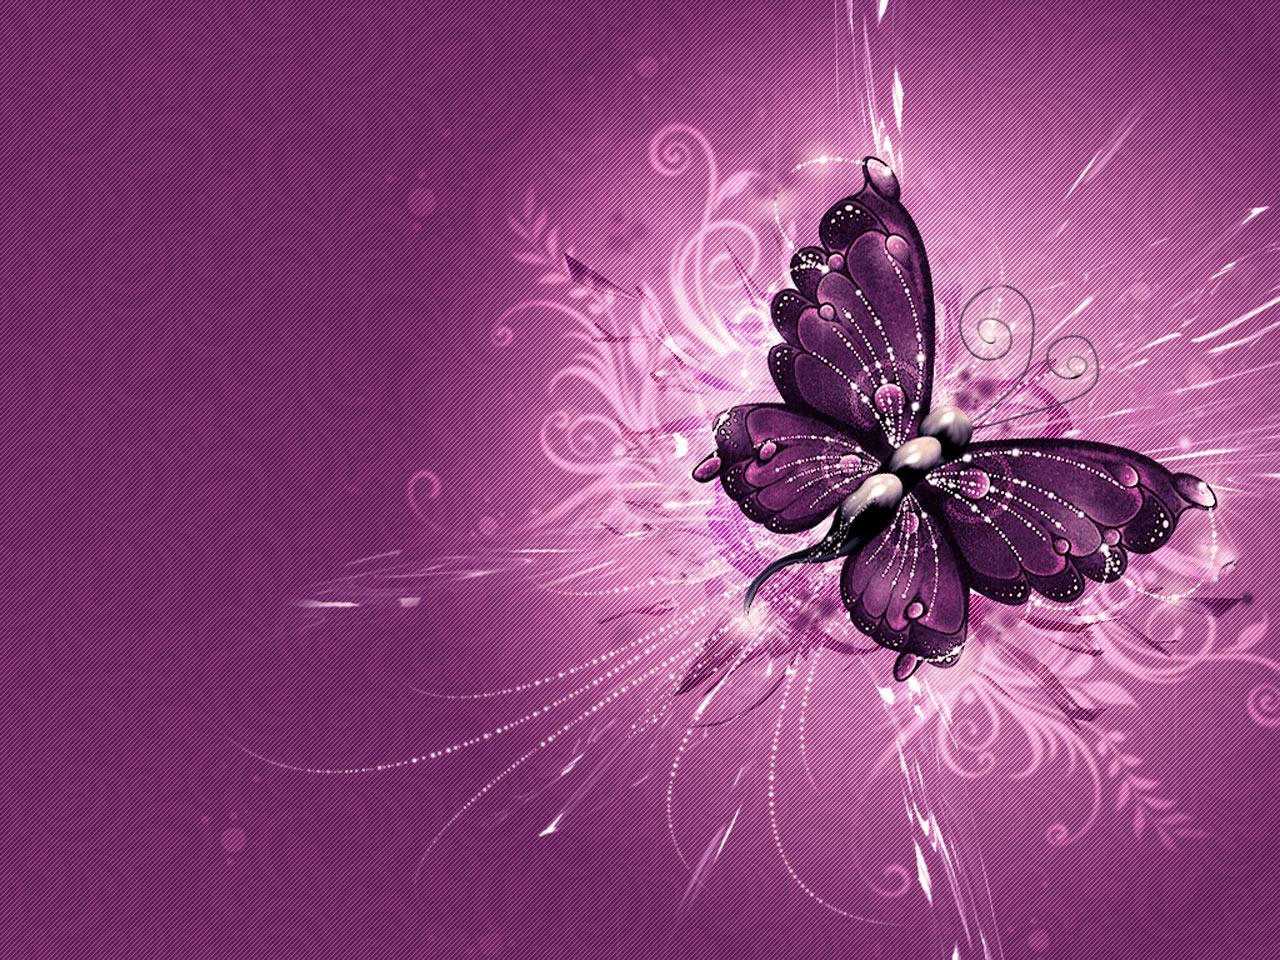 Cute Fairy Wallpaper 3D 9 Free Wallpaper - Hivewallpaper.com